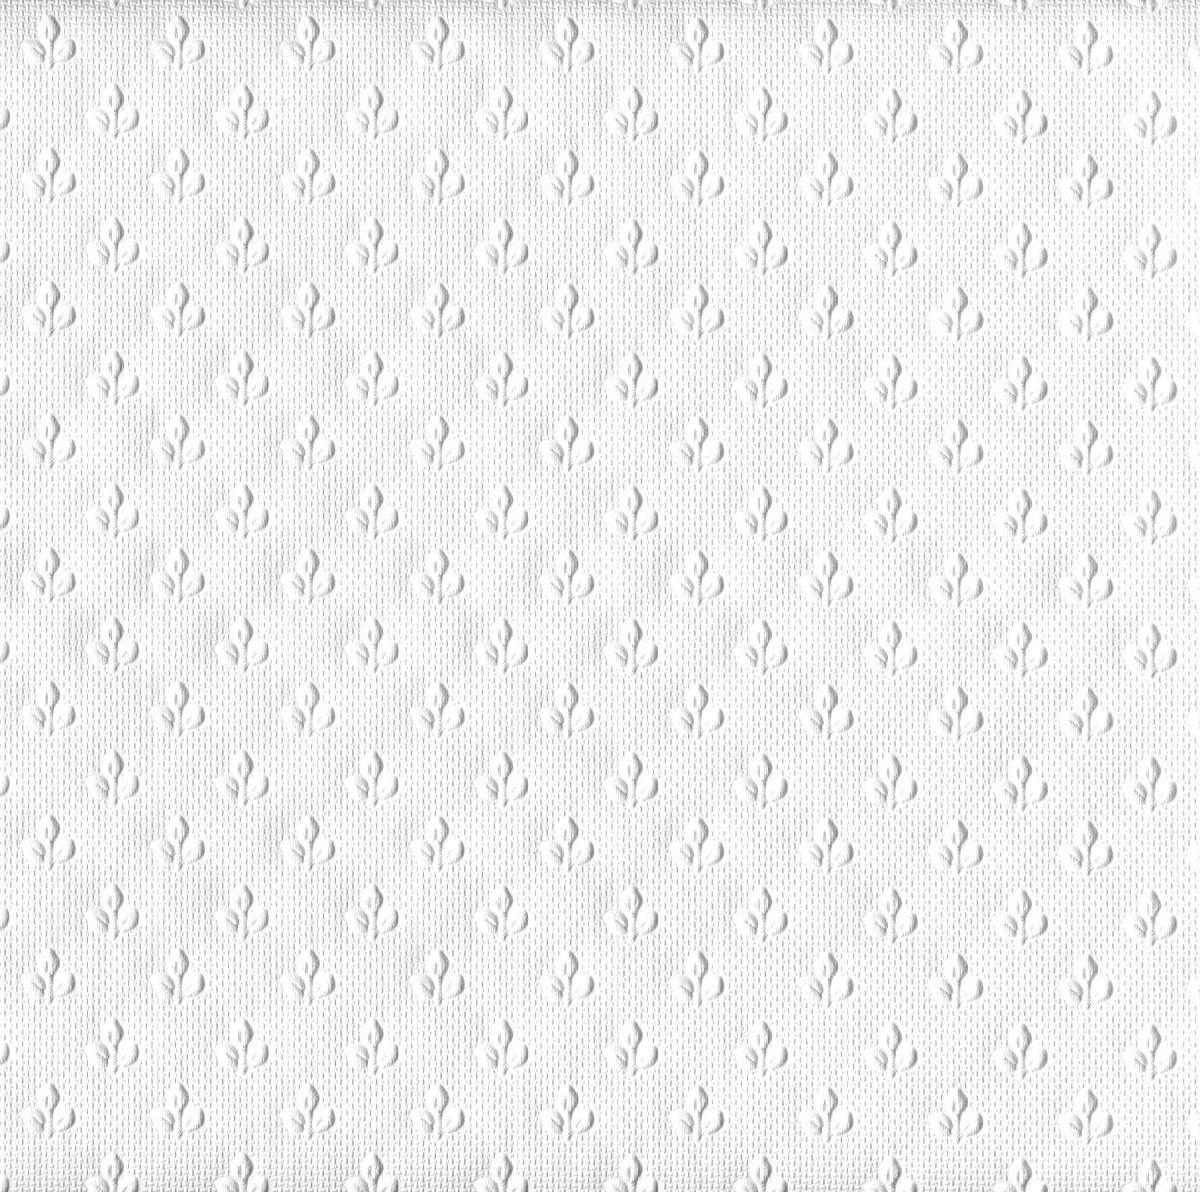 anaglypta lincrusta wallpaper wallpapersafari